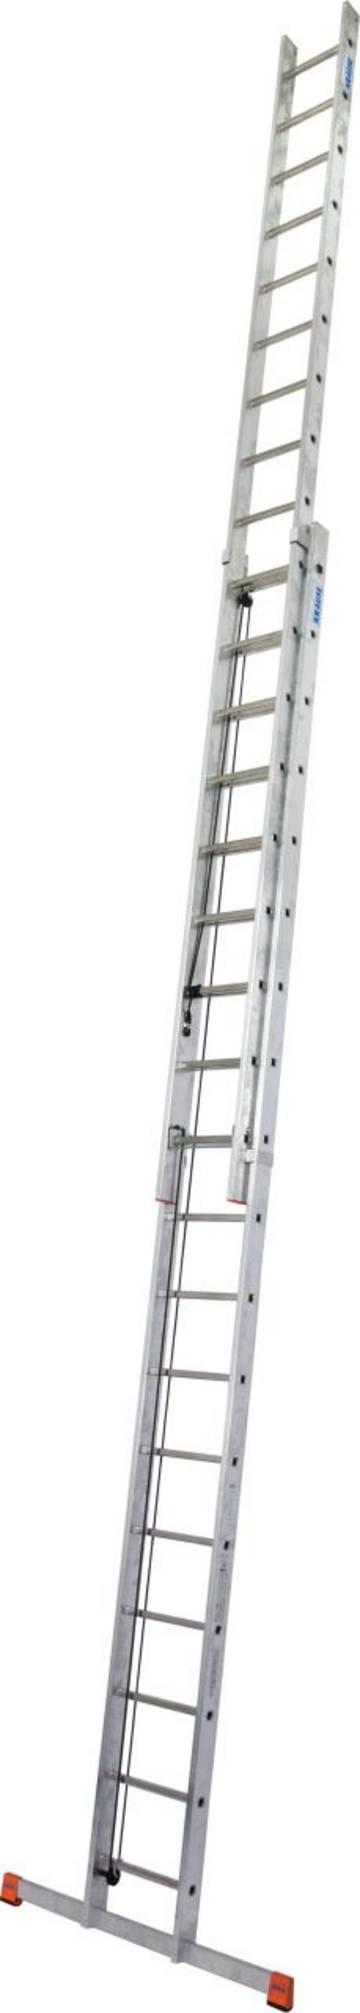 Lekka aluminiowa drabina dwuelementowa rozsuwana linką, pozwalająca na szybką i komfortową regulację wysokości roboczej.